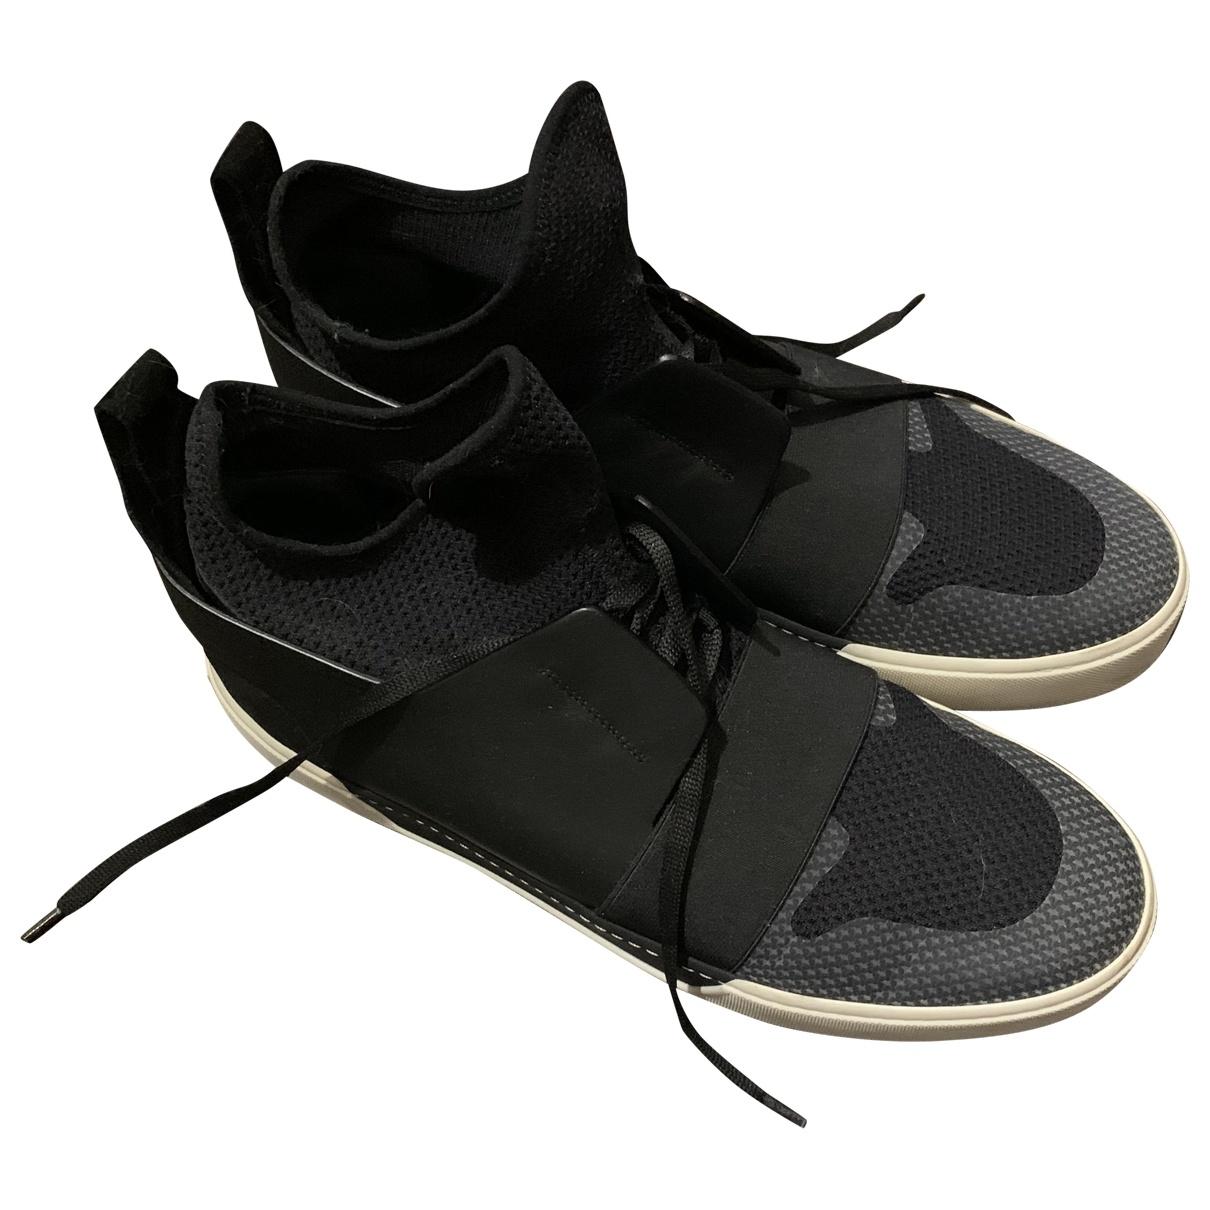 Balenciaga - Baskets   pour homme en toile - noir